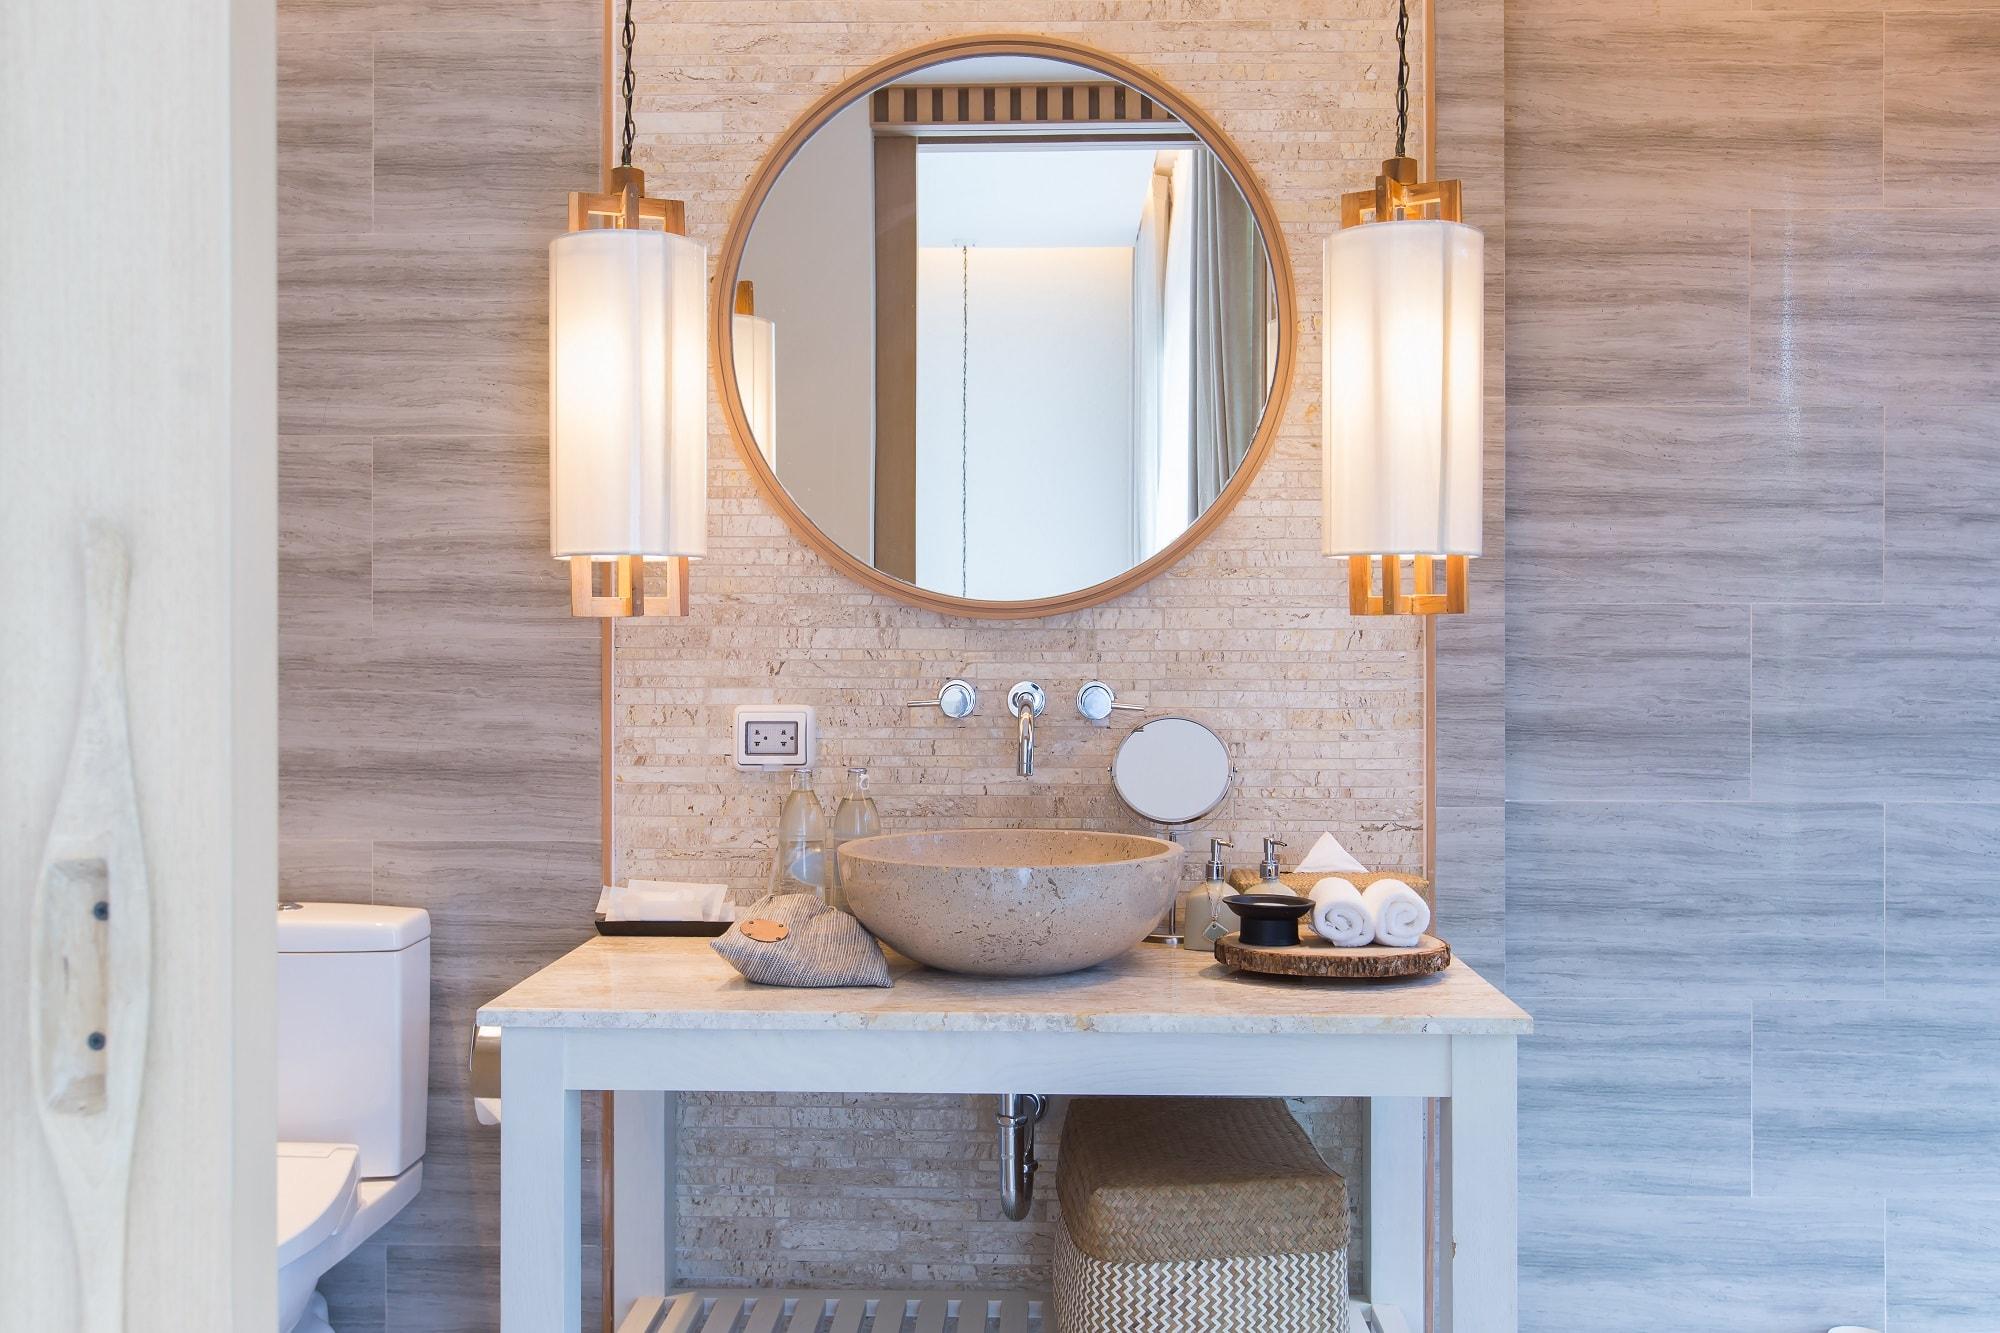 Design Wandverlichting Badkamer : Verlichting in de badkamer handige tips u womanistical